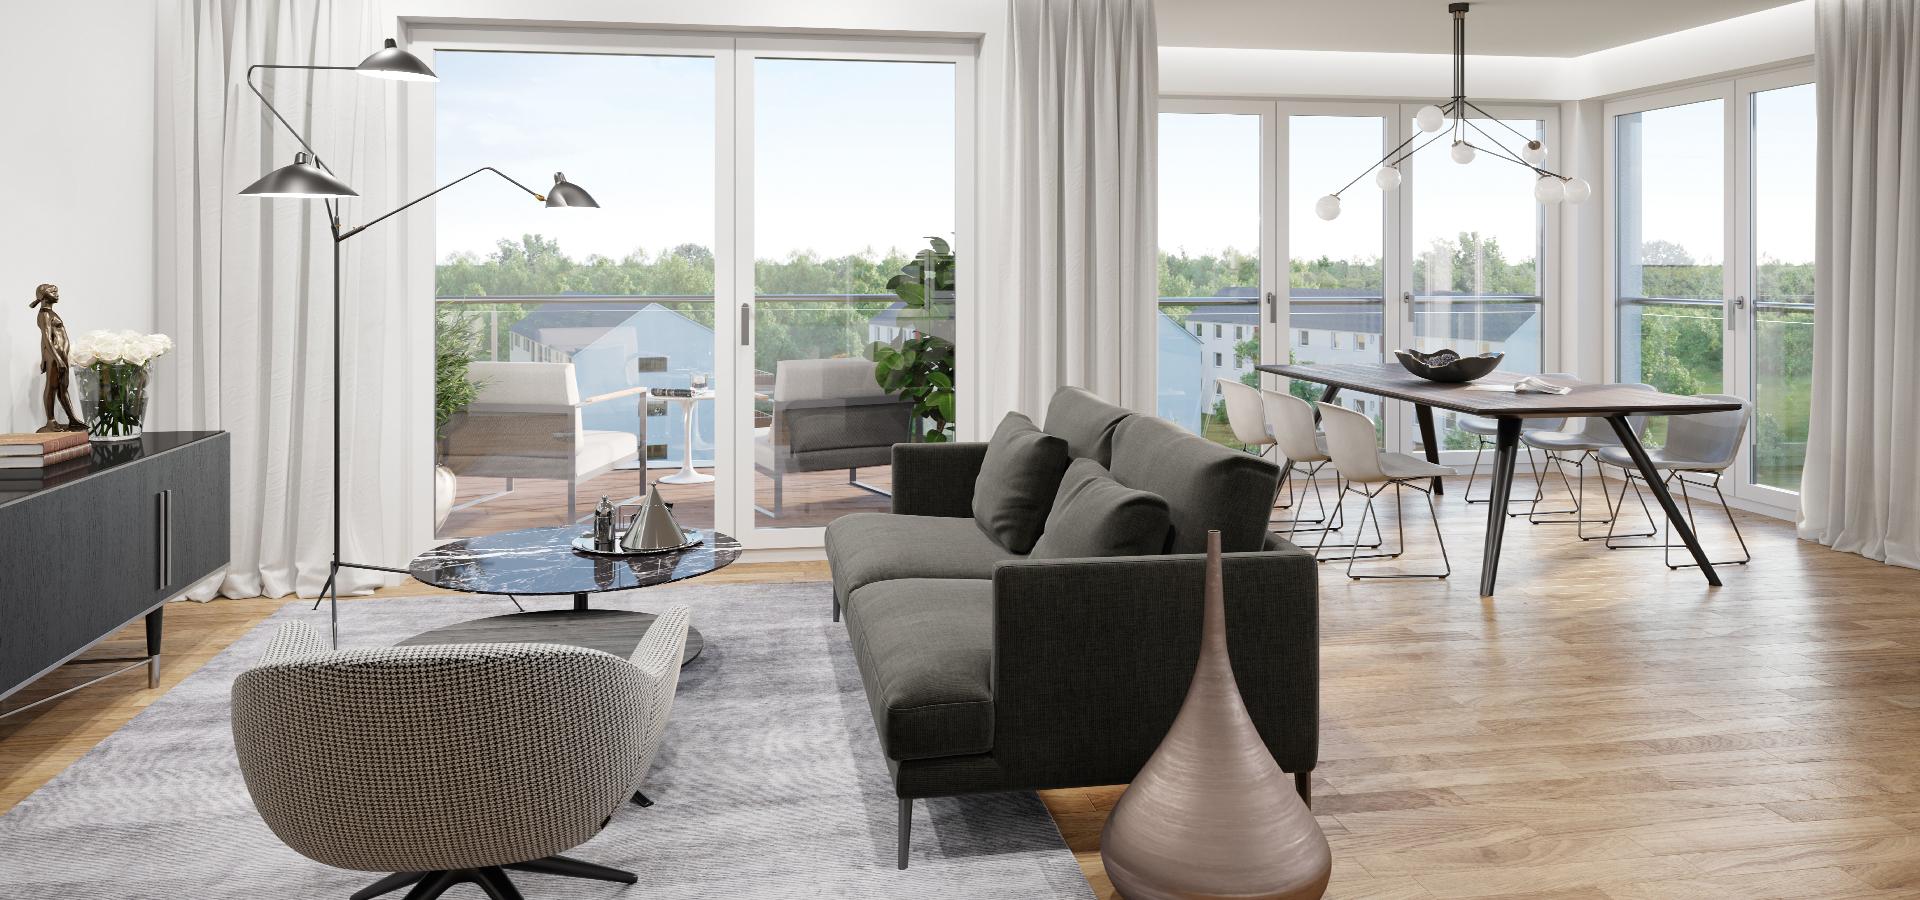 OPUS Marketing / Immobilienmarketing / Visualisierung / Wohnen